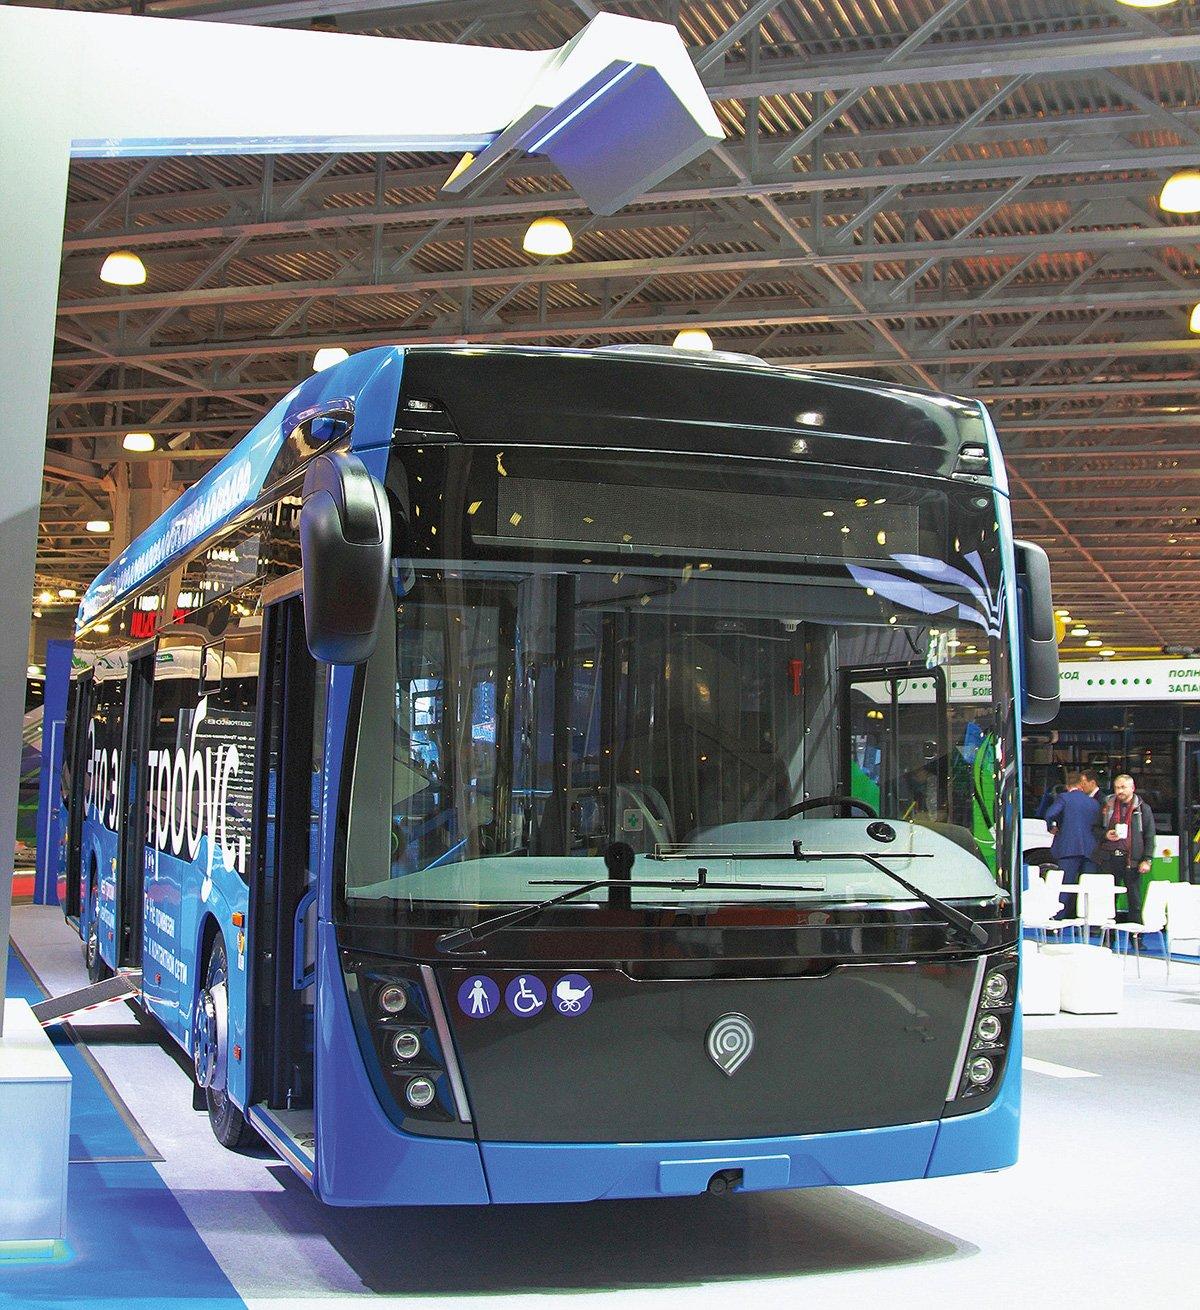 В Европе начался настоящий бум на электробусы. А что в России?